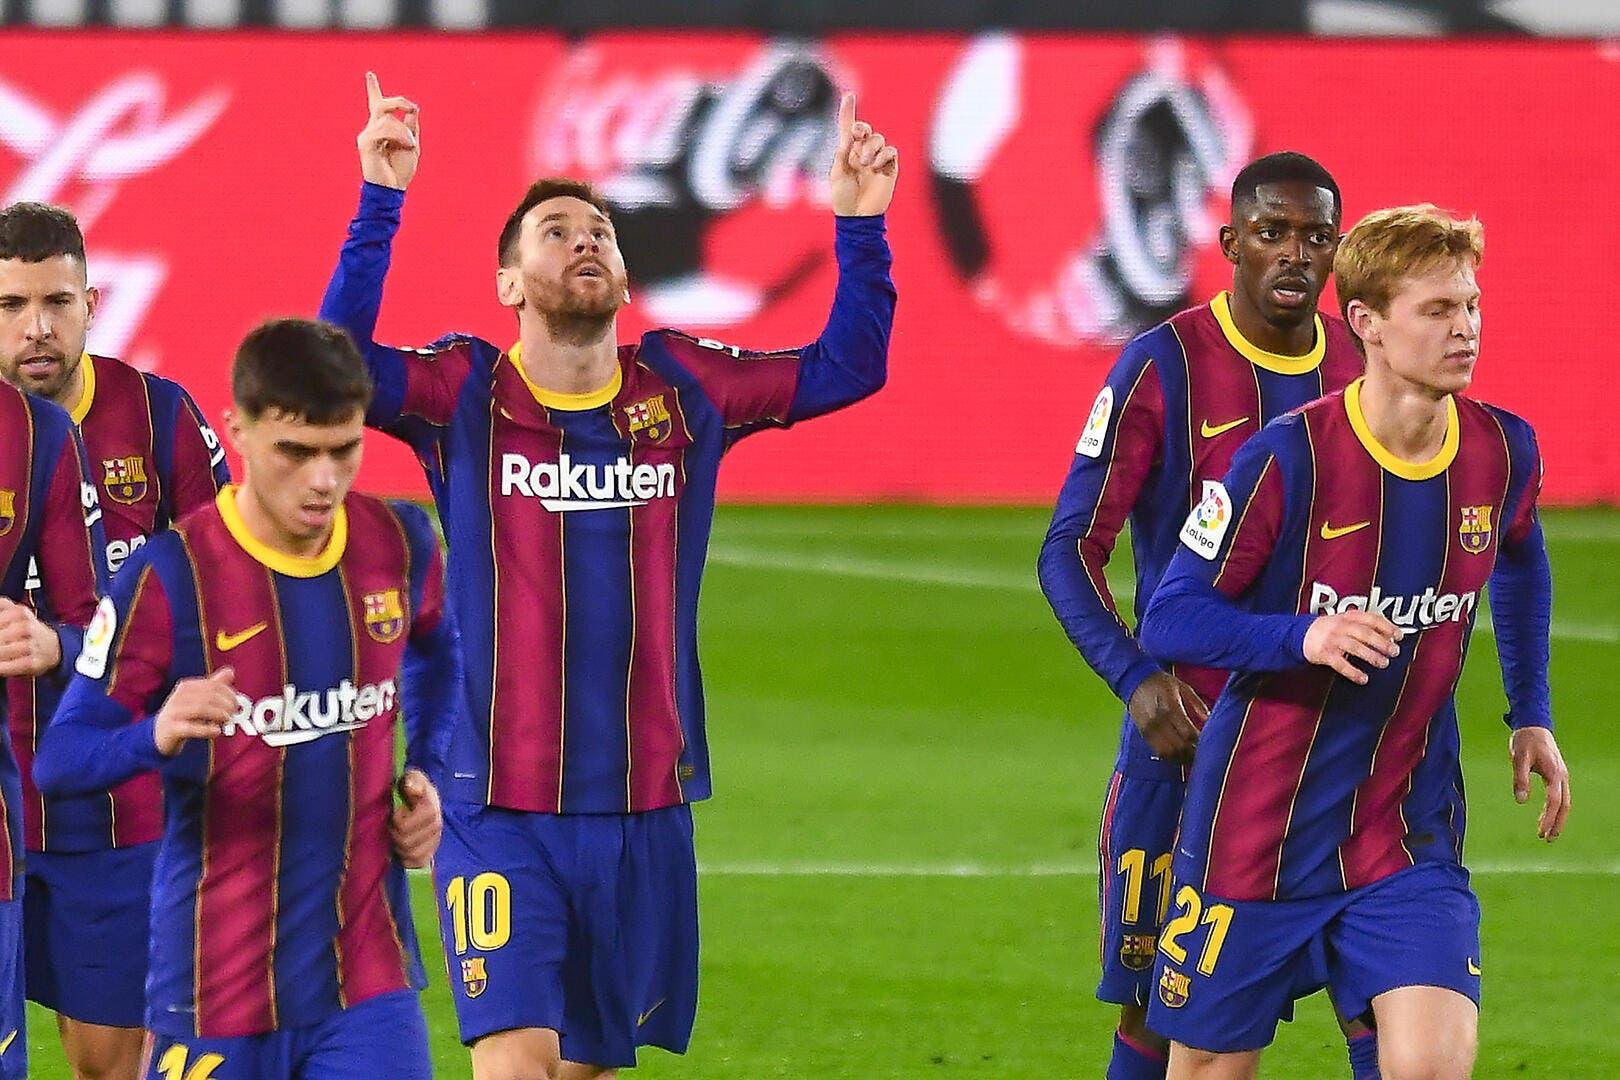 Esp : Messi au PSG, le scénario est écrit d'avance ! - Foot01.com